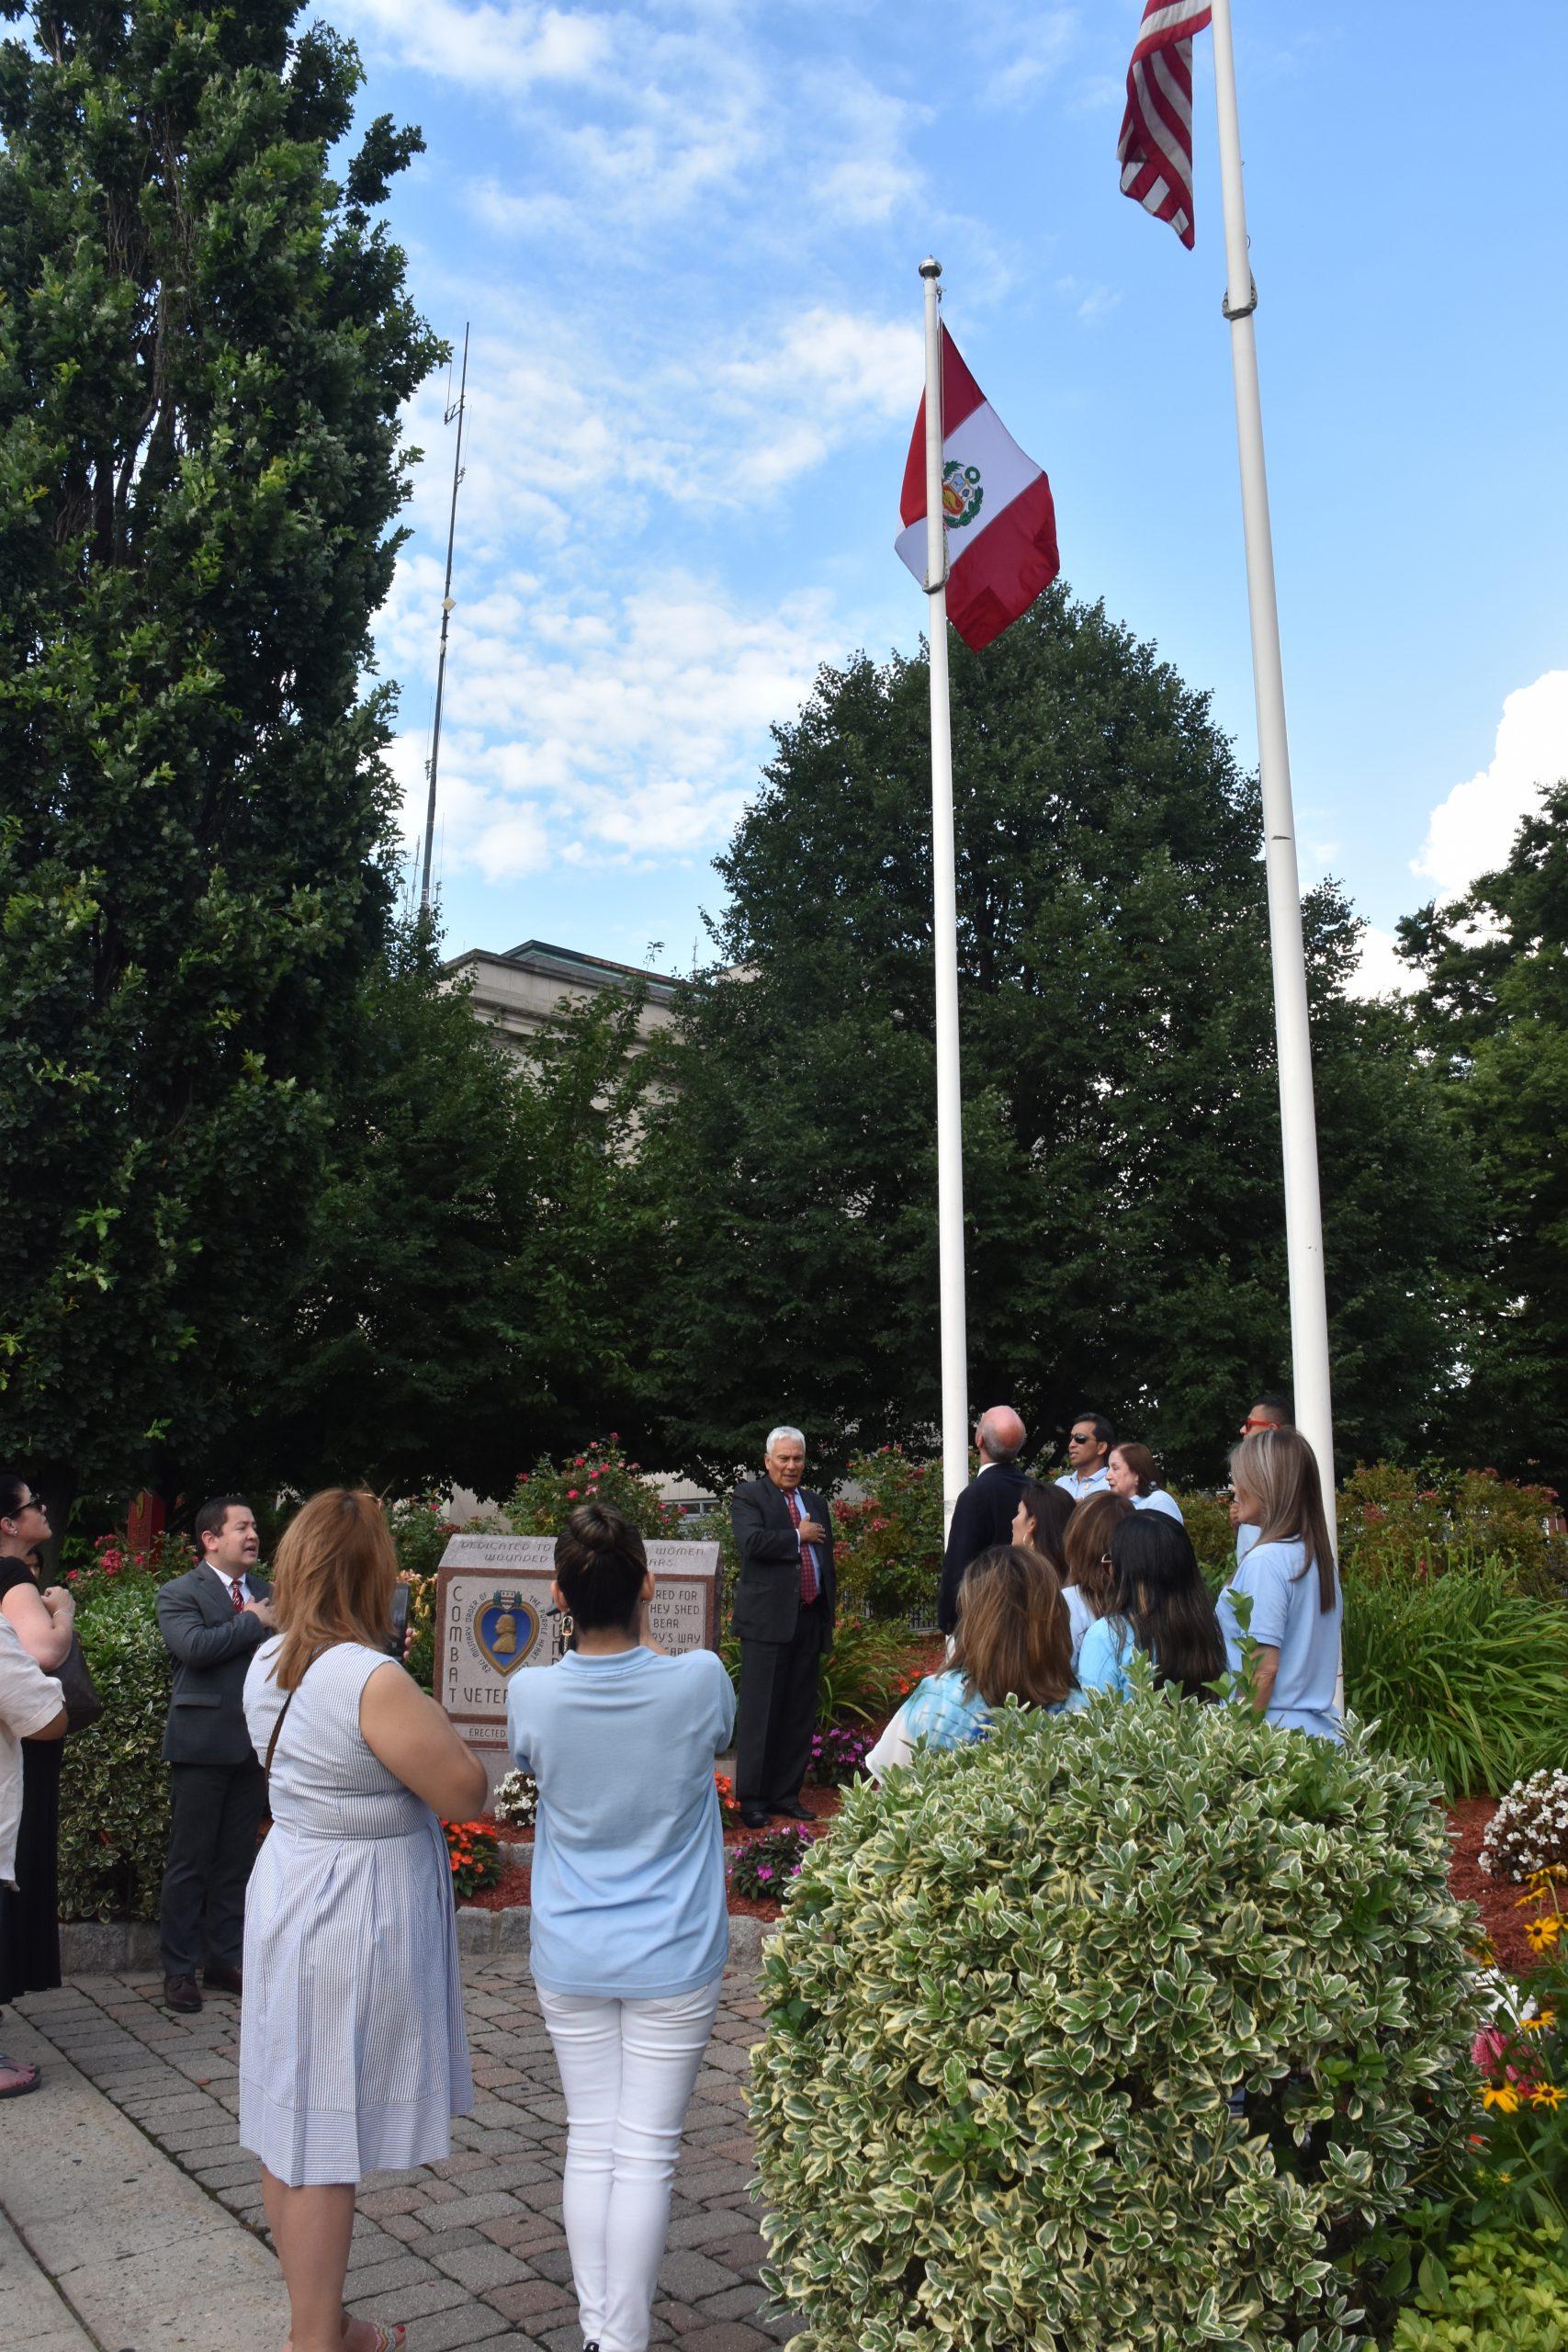 2021-07-09 PERUVIAN FLAG RAISING AT TOWN HALL 7-9-2021_00050